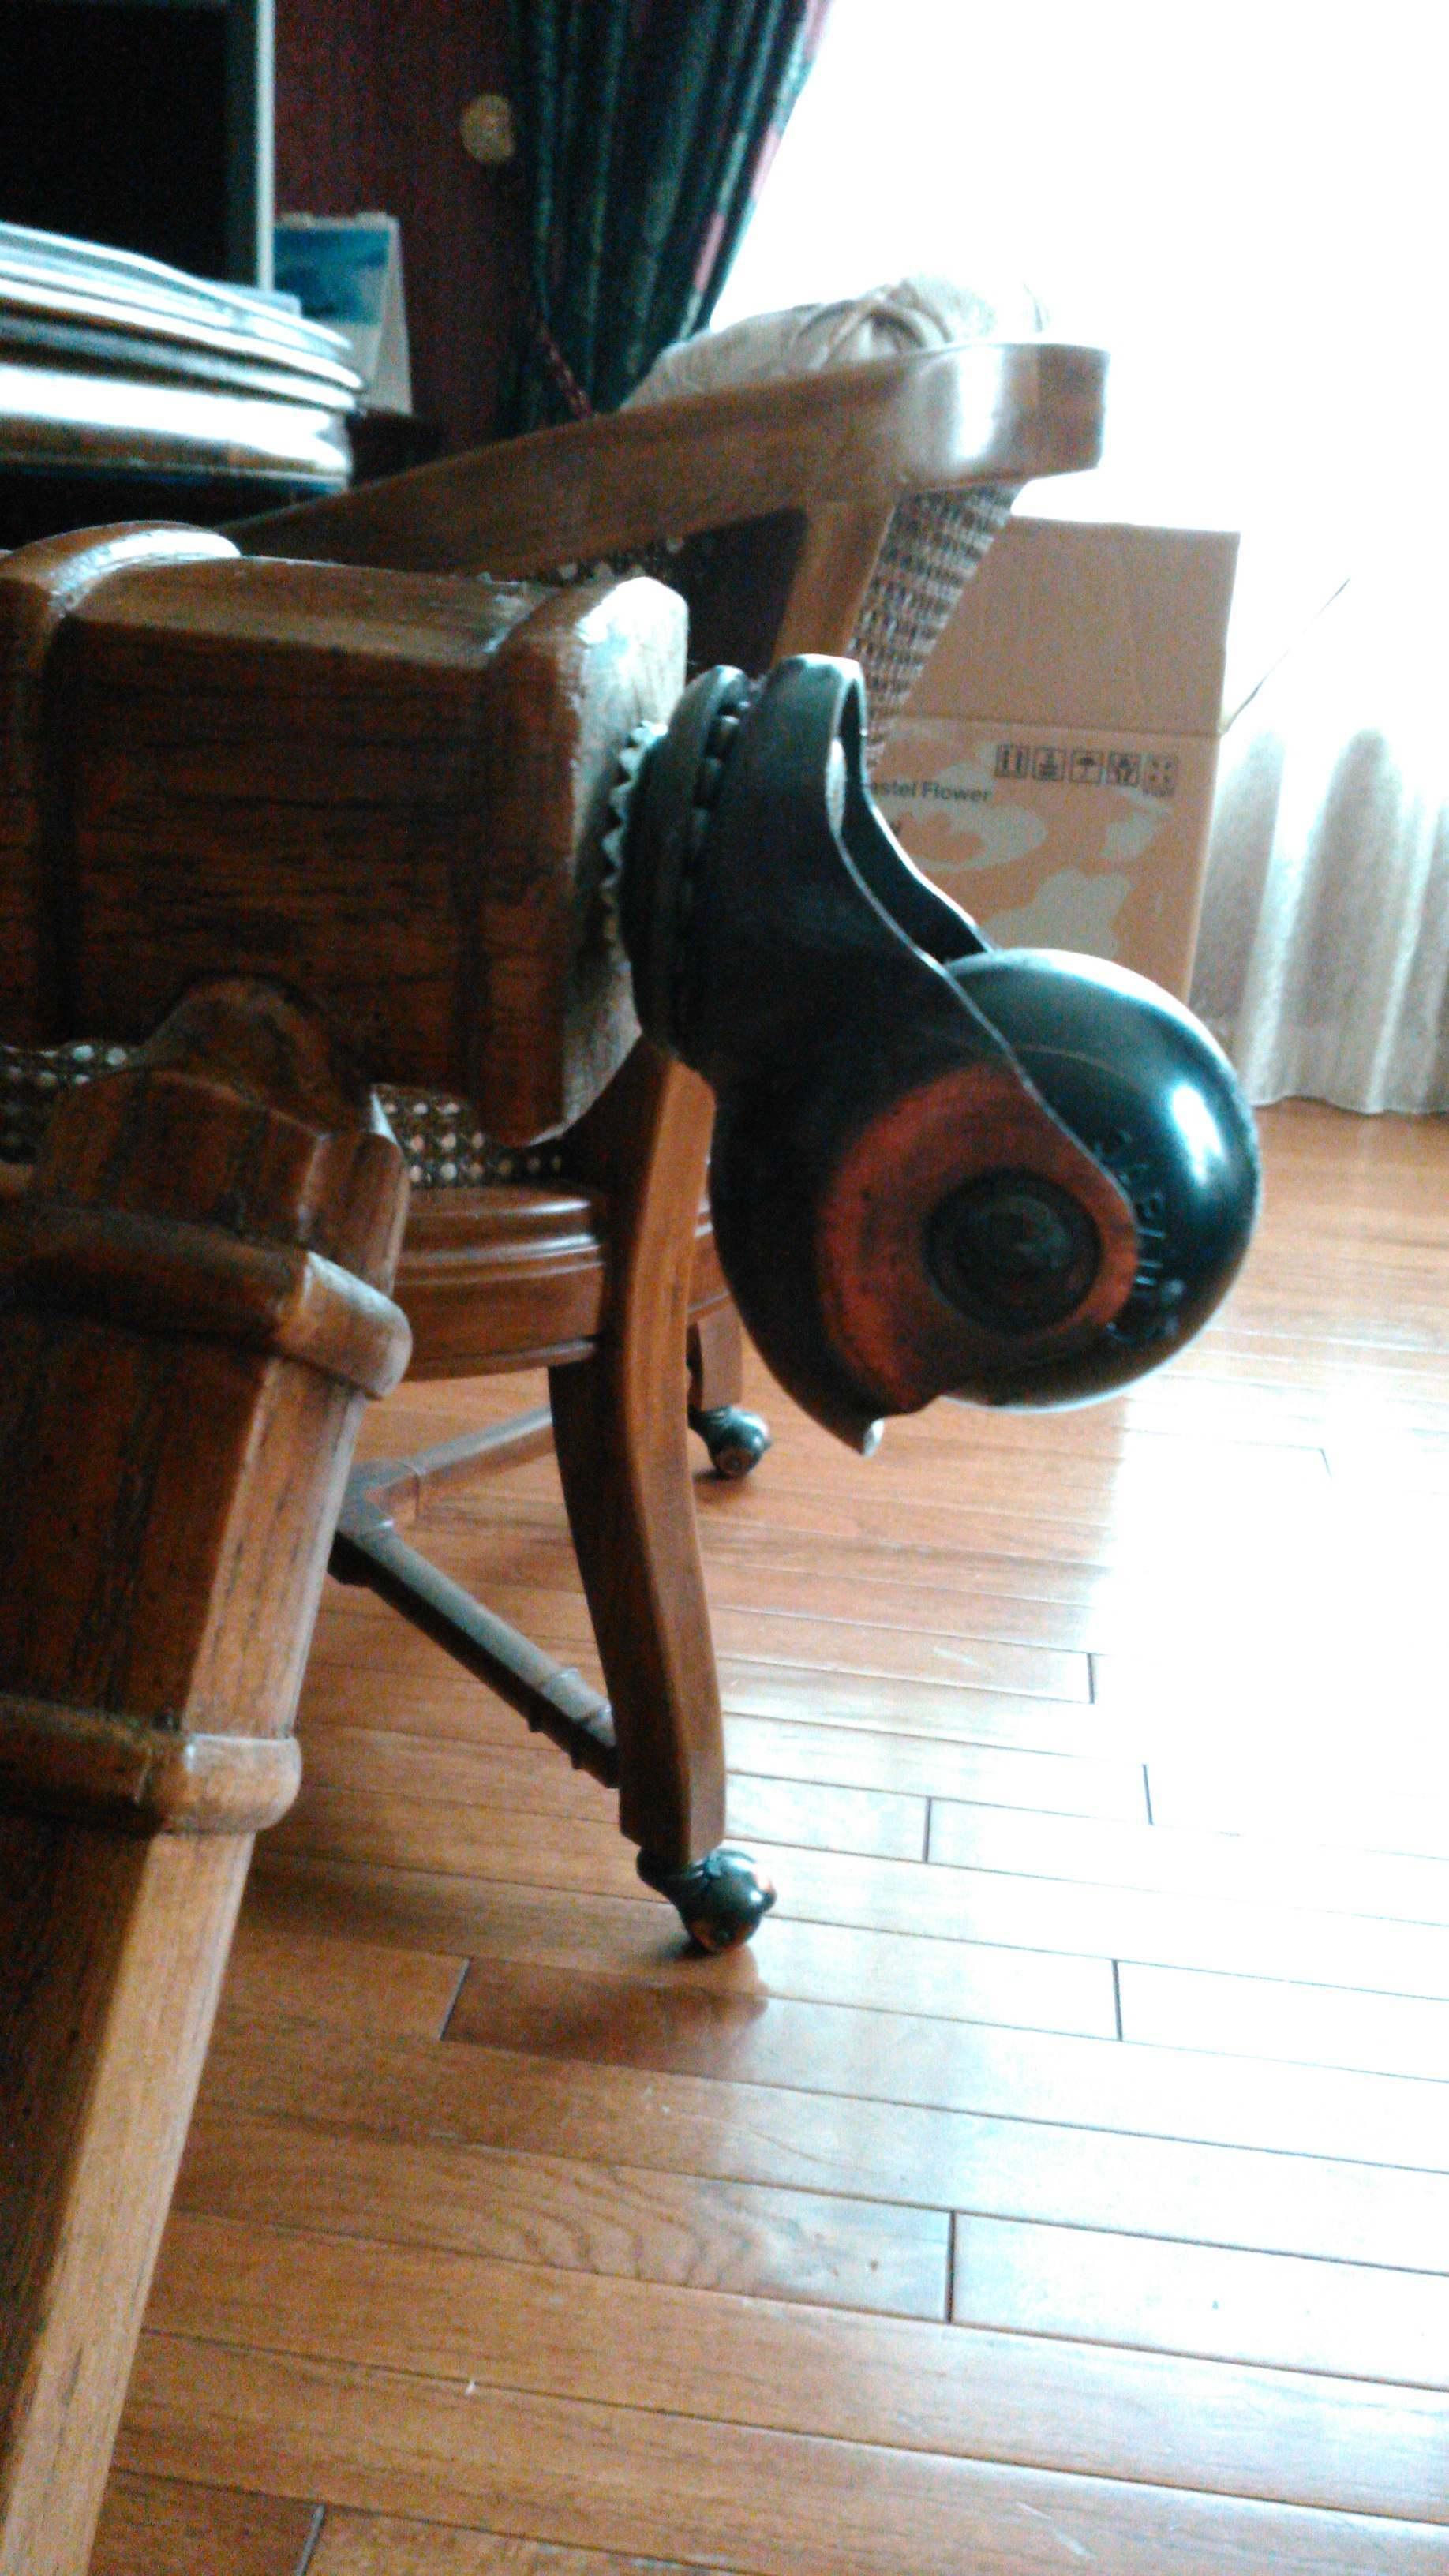 ダイニングチェア 修理 モリス正規販売店のブライト_c0157866_20262720.jpg